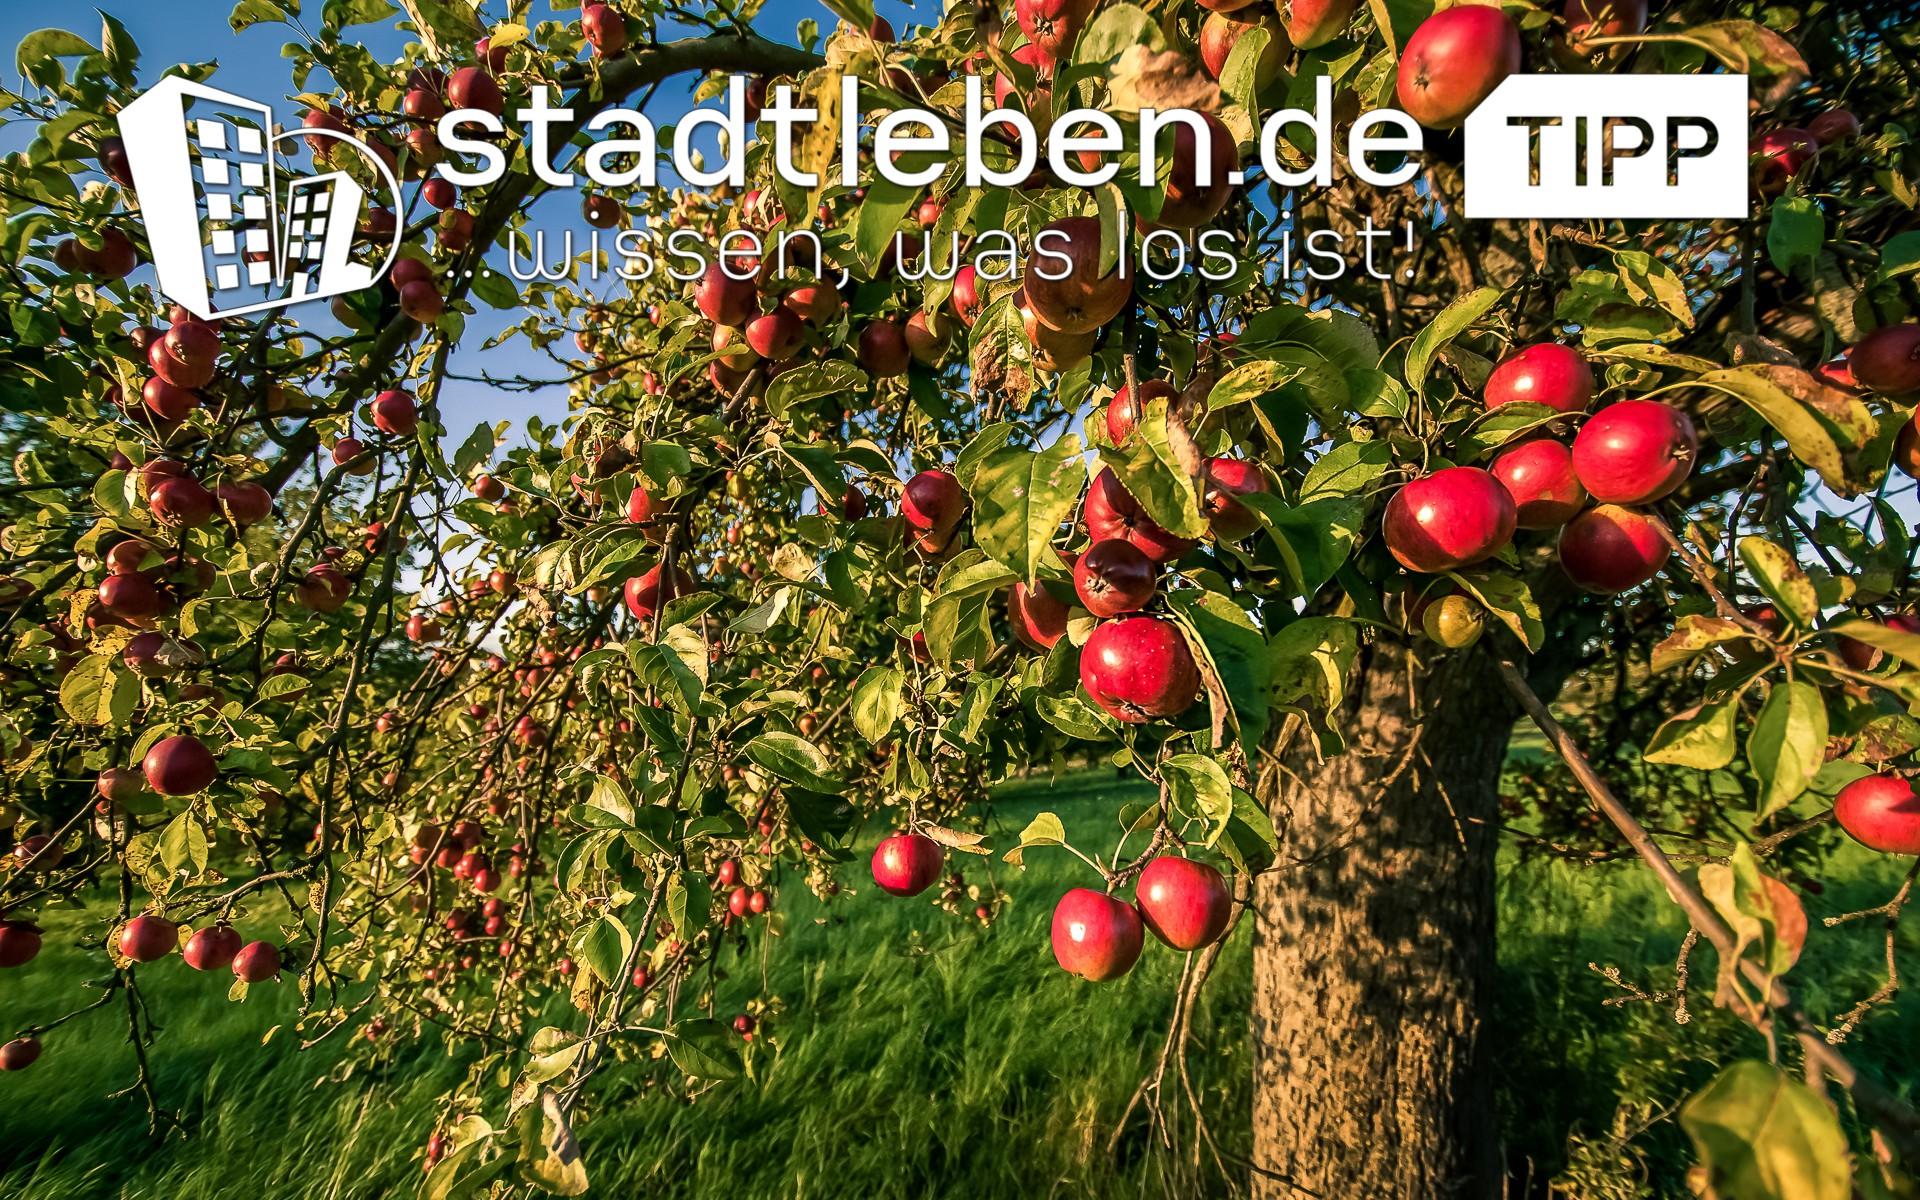 Apfelbäume auf einer grünen Wiese im Spätsommer vor der Apfelernte